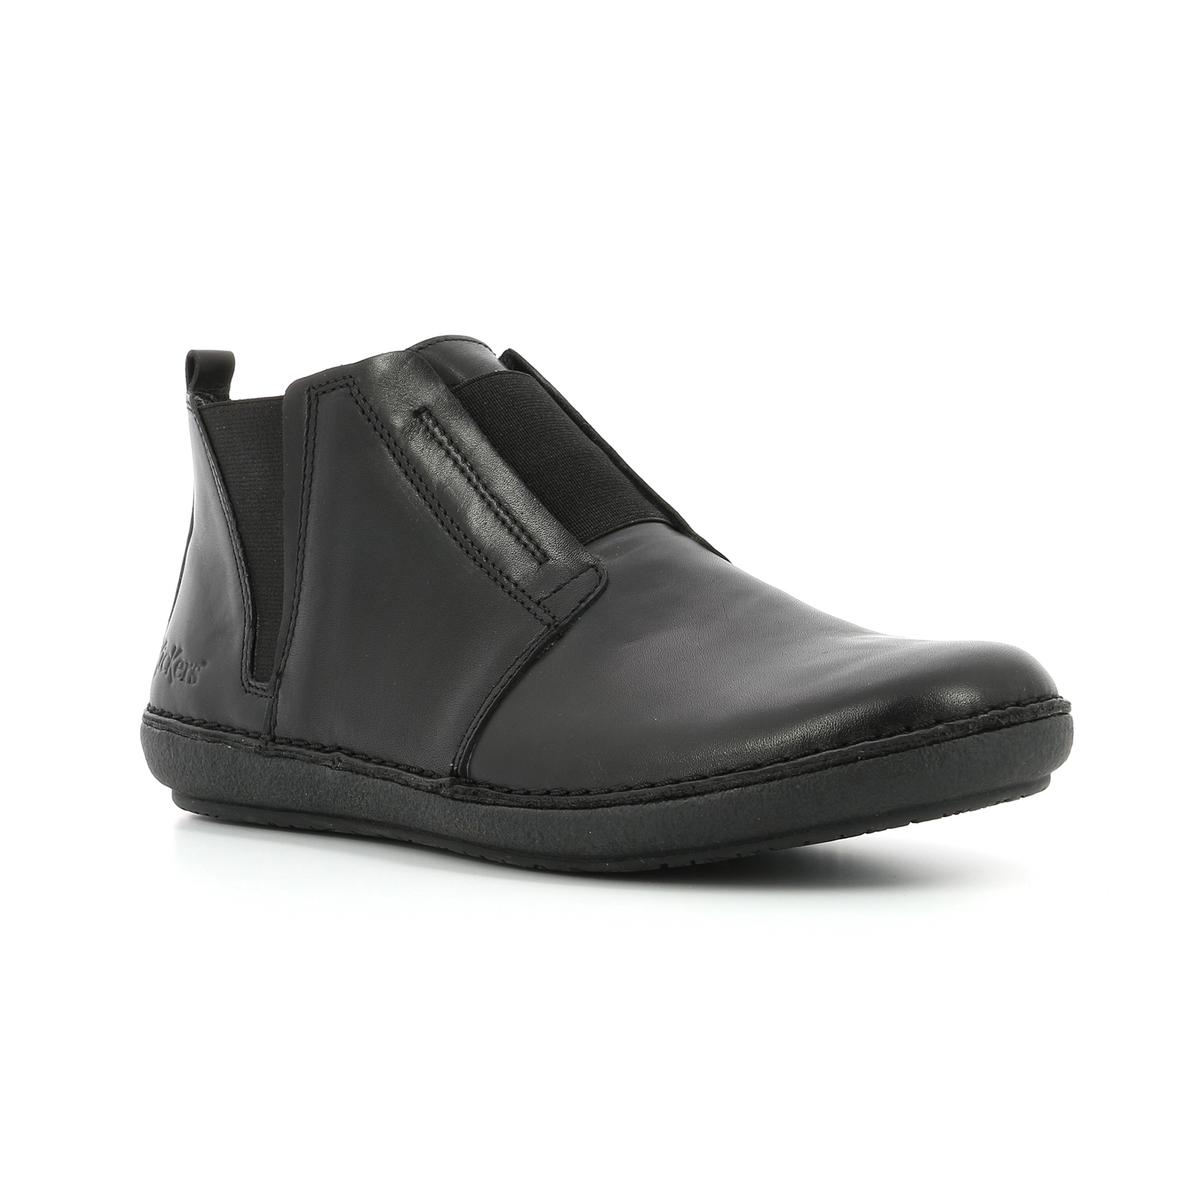 Imagen secundaria de producto de Zapatillas de caña alta de piel Fonzine - Kickers